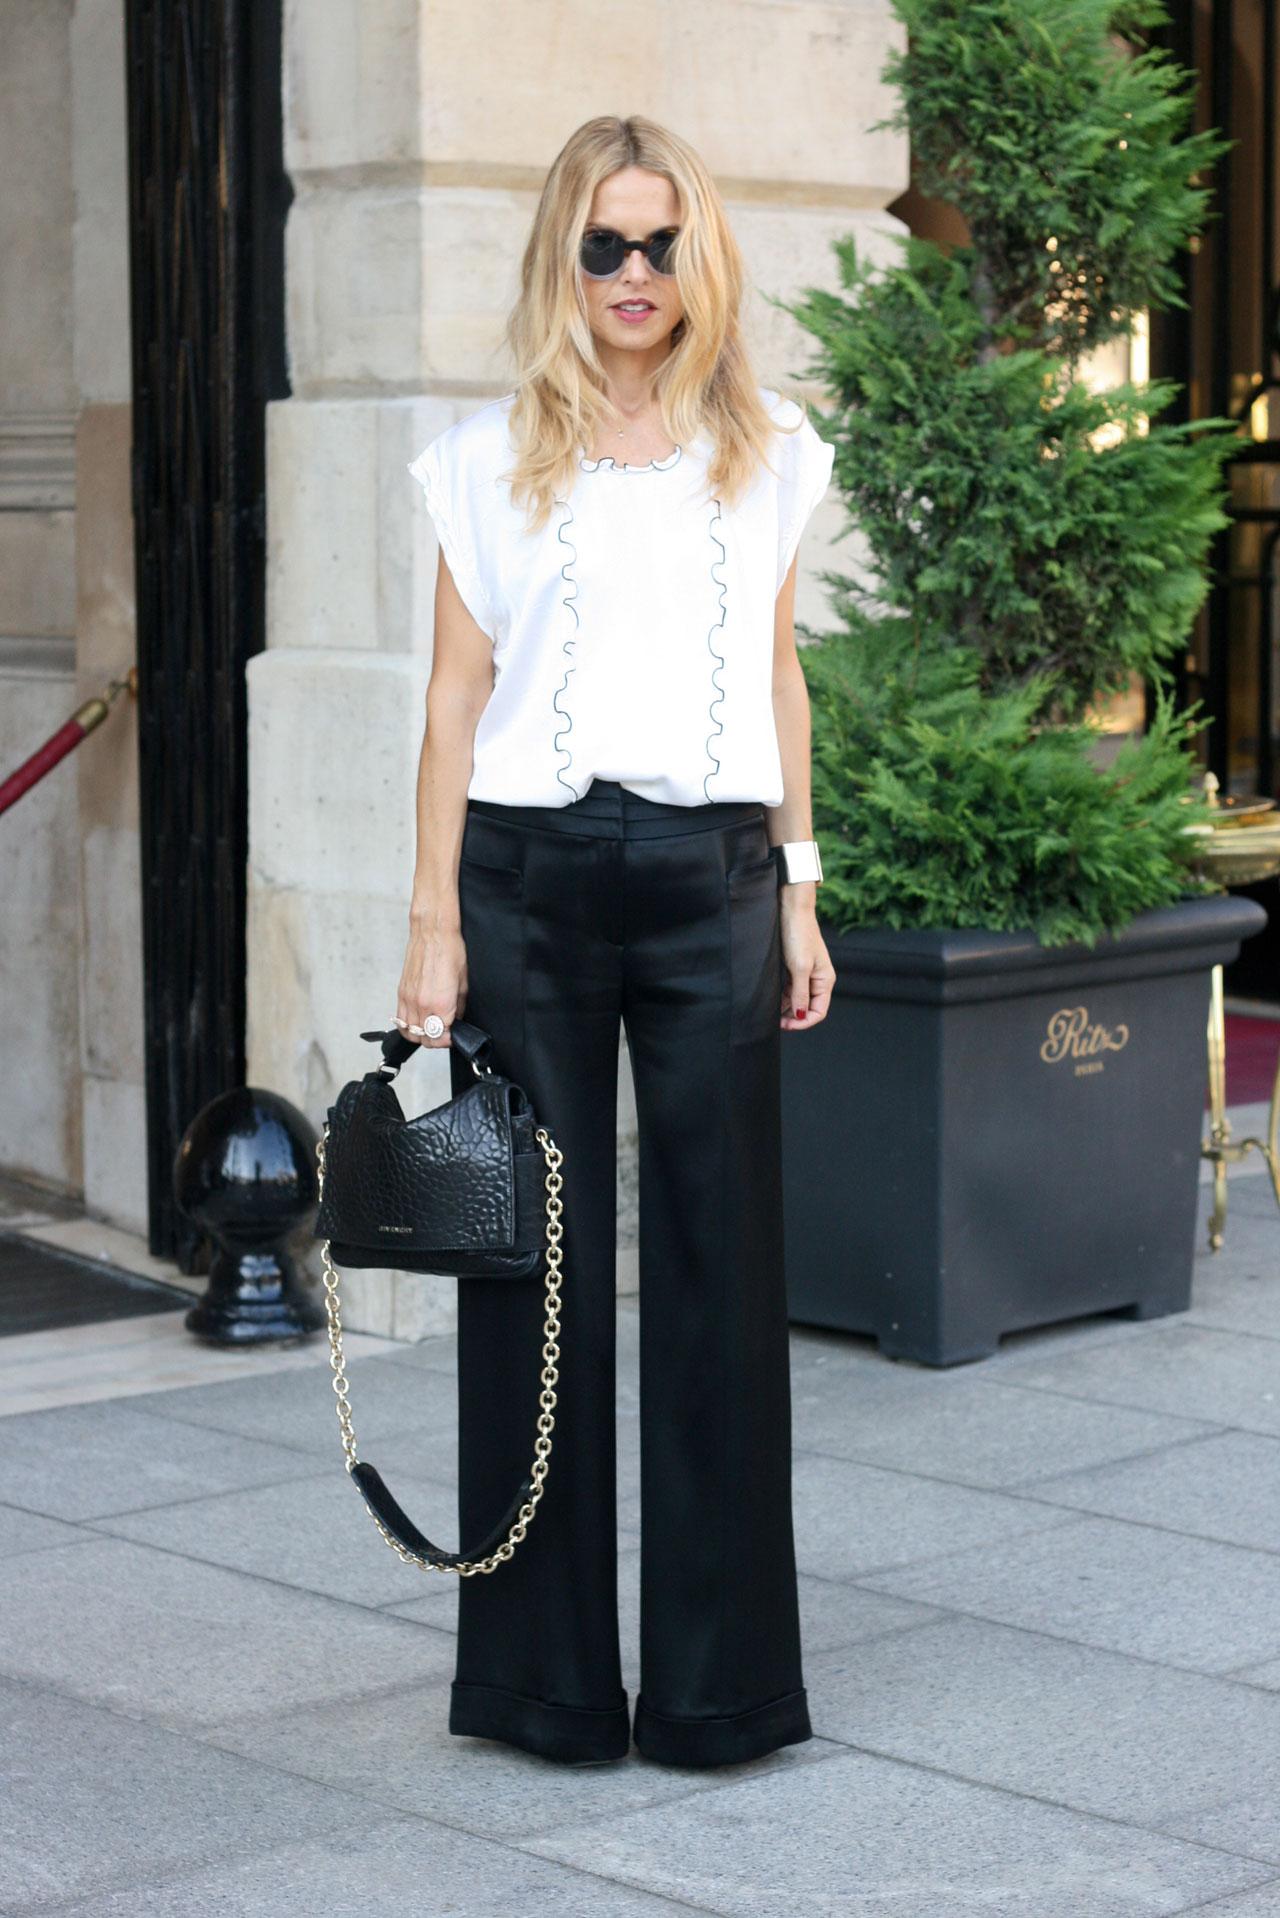 Come abbinare i pantaloni neri  i look più fashion da provare  FOTO ... 7d3c97dc7158